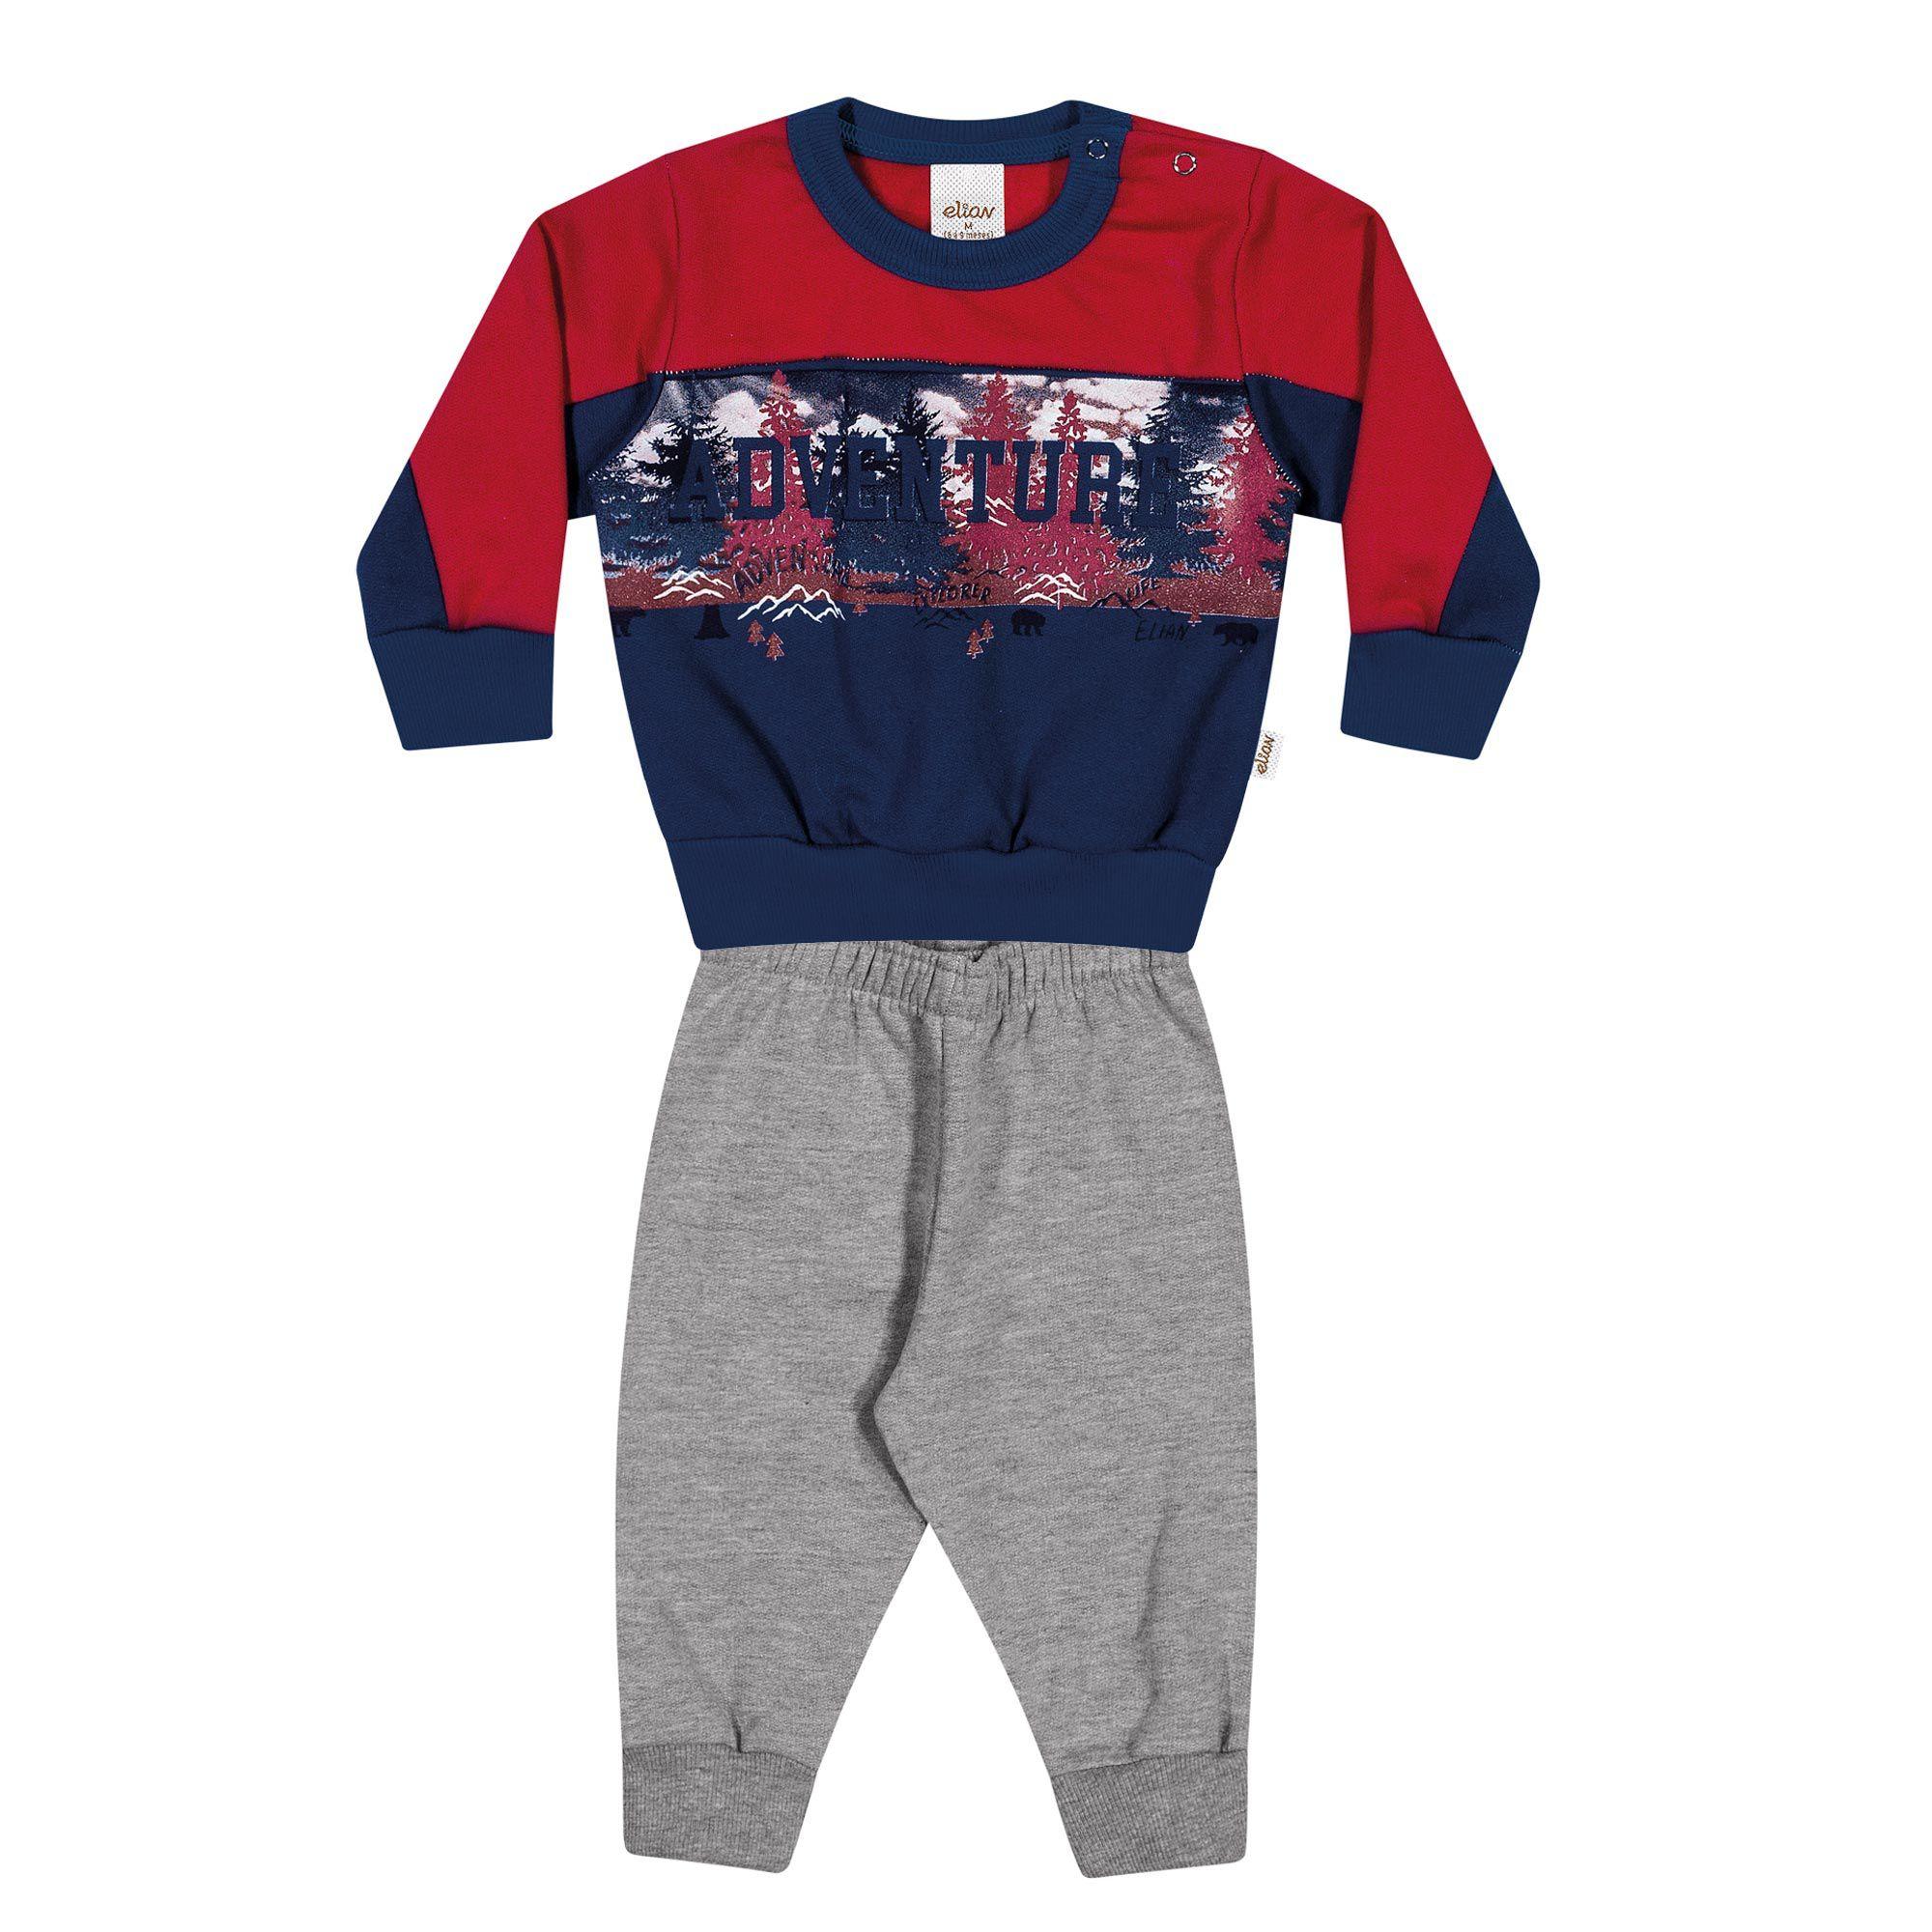 Conjunto Infantil Elian com Blusão e Calça em Moletom - Ref 20748